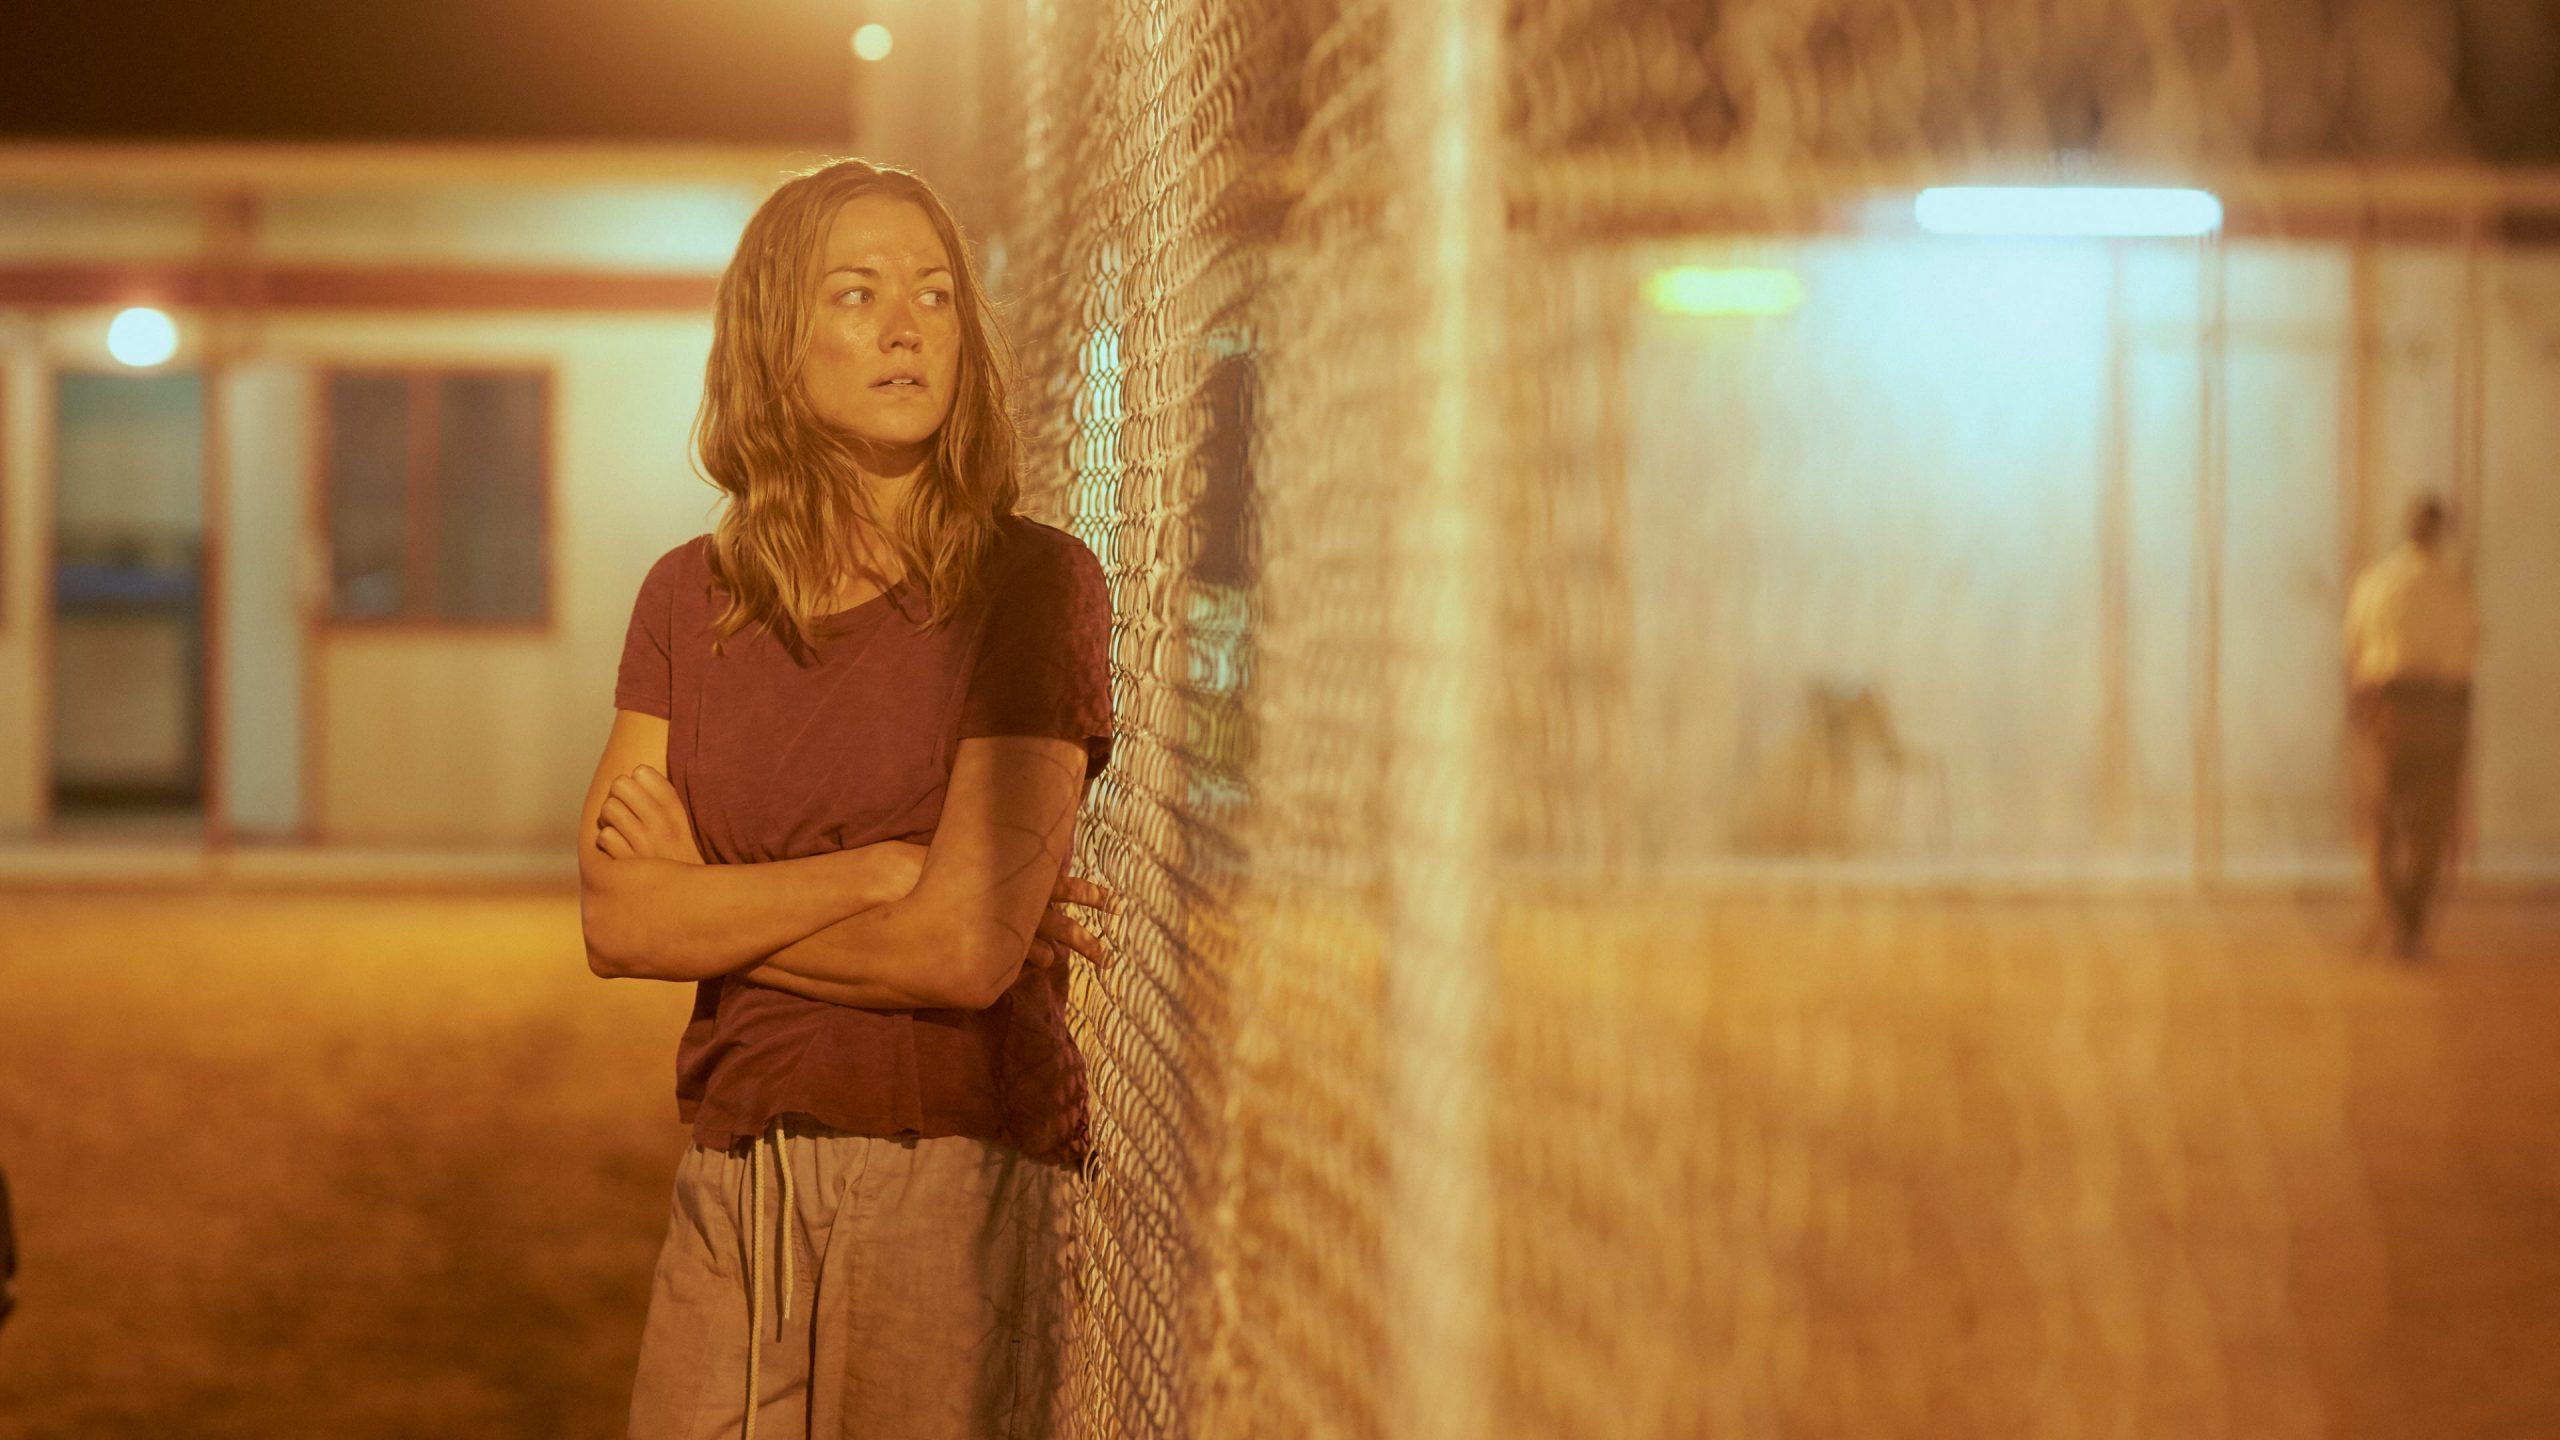 Mit várhatunk a Netflix következő ígéretes sorozatától, a Stateless-től?